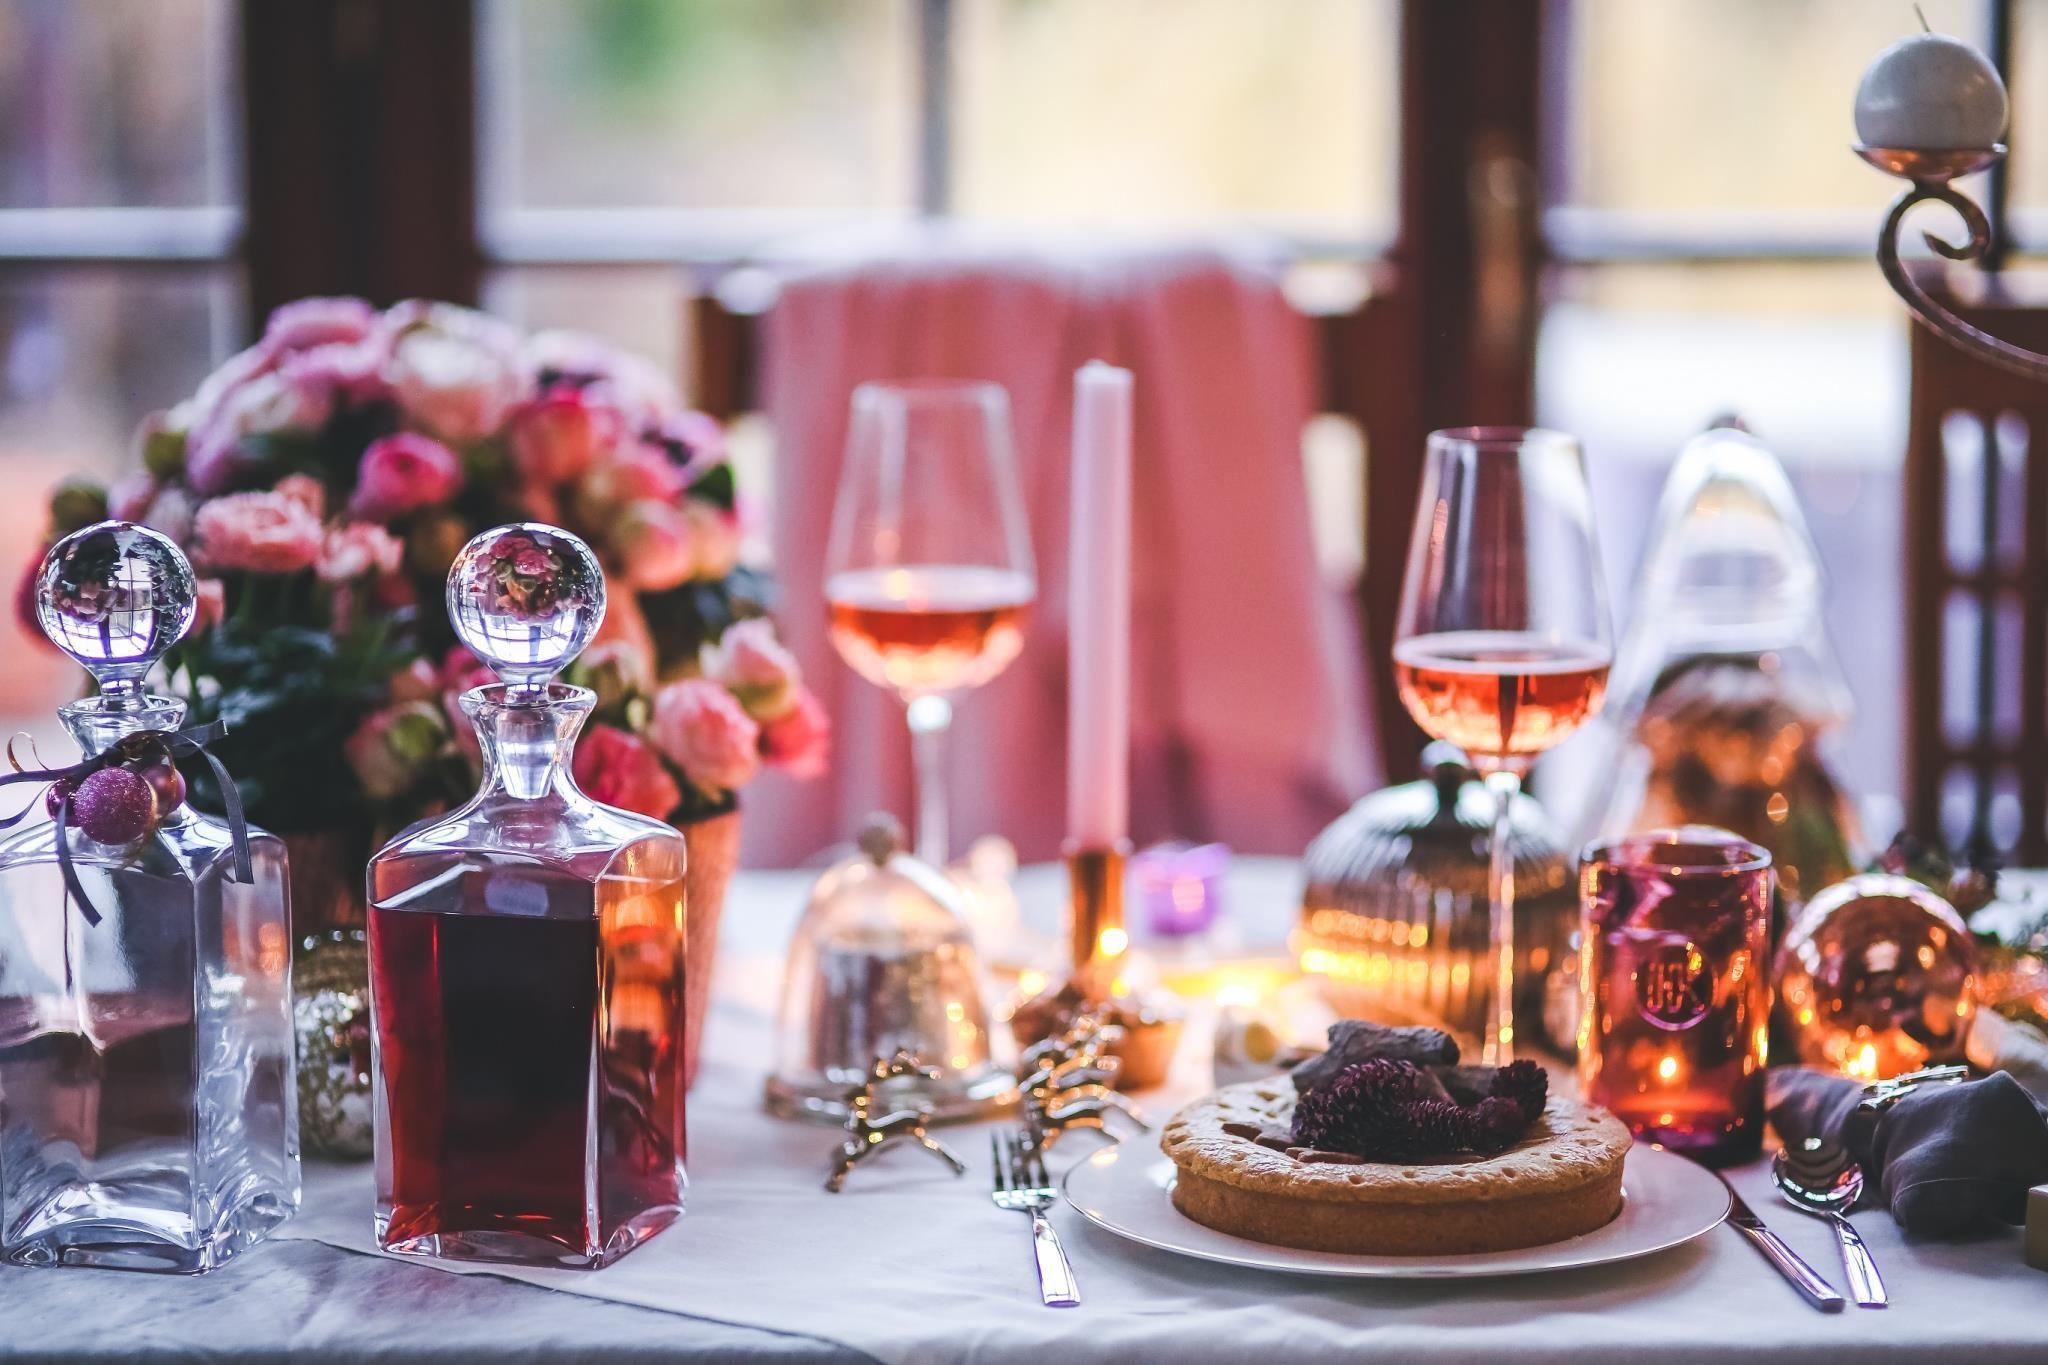 10 restaurantes para celebrar las mejores cenas de Navidad en Madrid